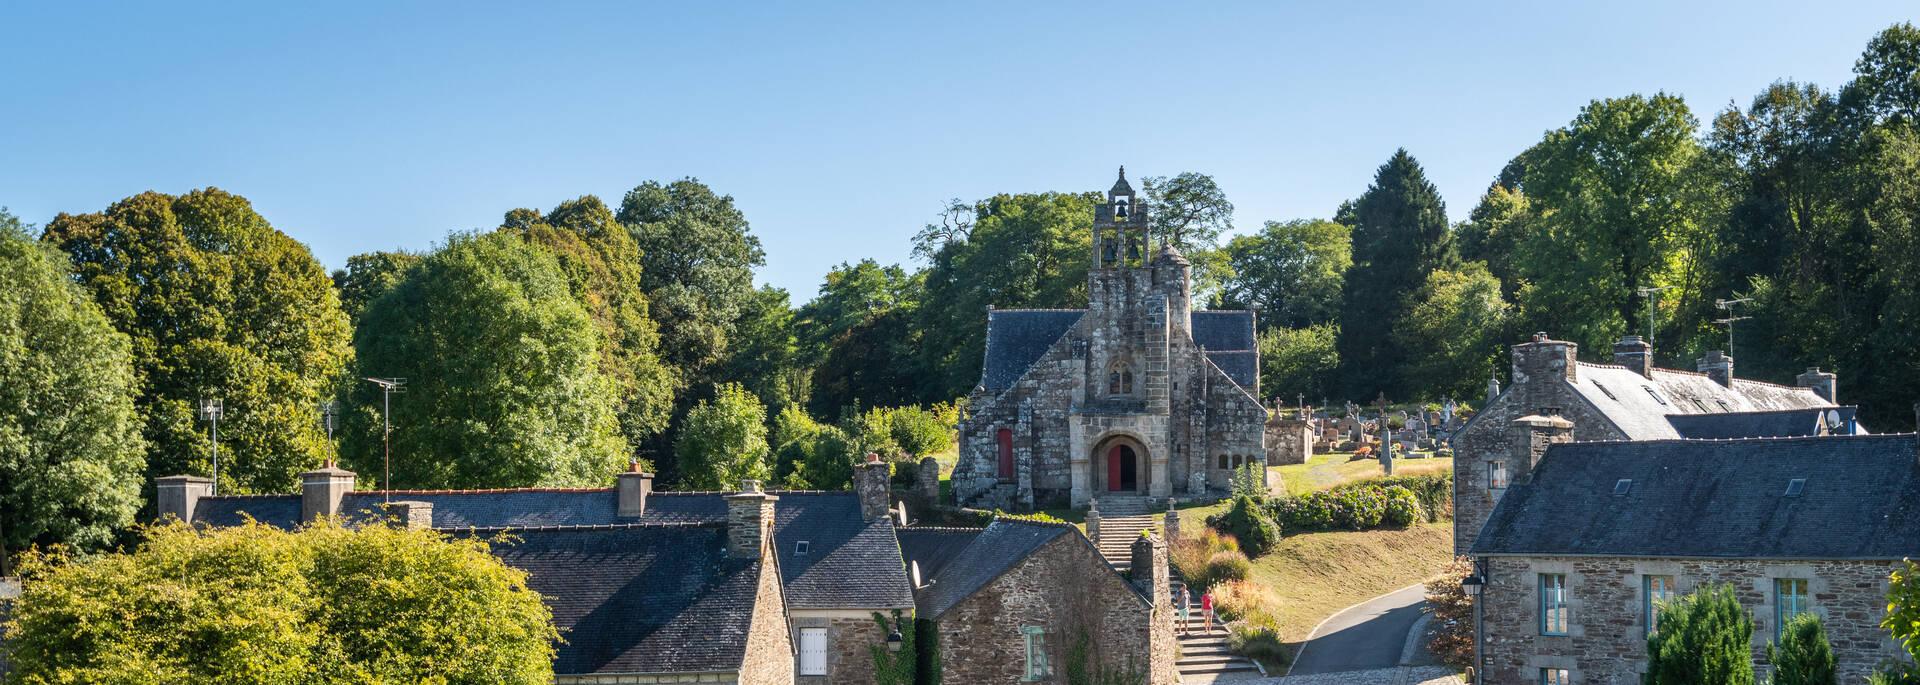 Village et église de Loc-Envel ©. Berthier